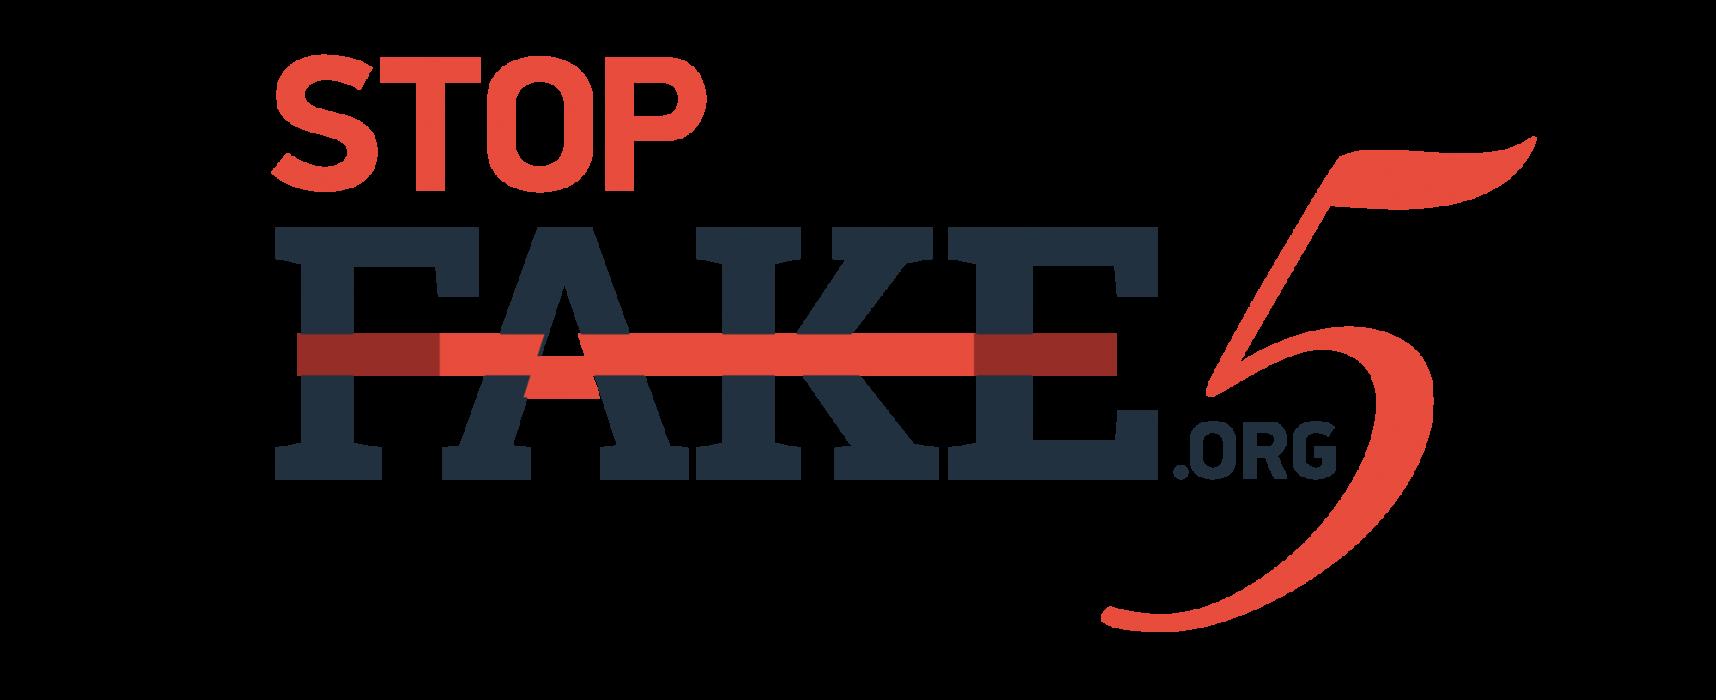 Какие фейки разоблачал StopFake за 5 лет своего существования